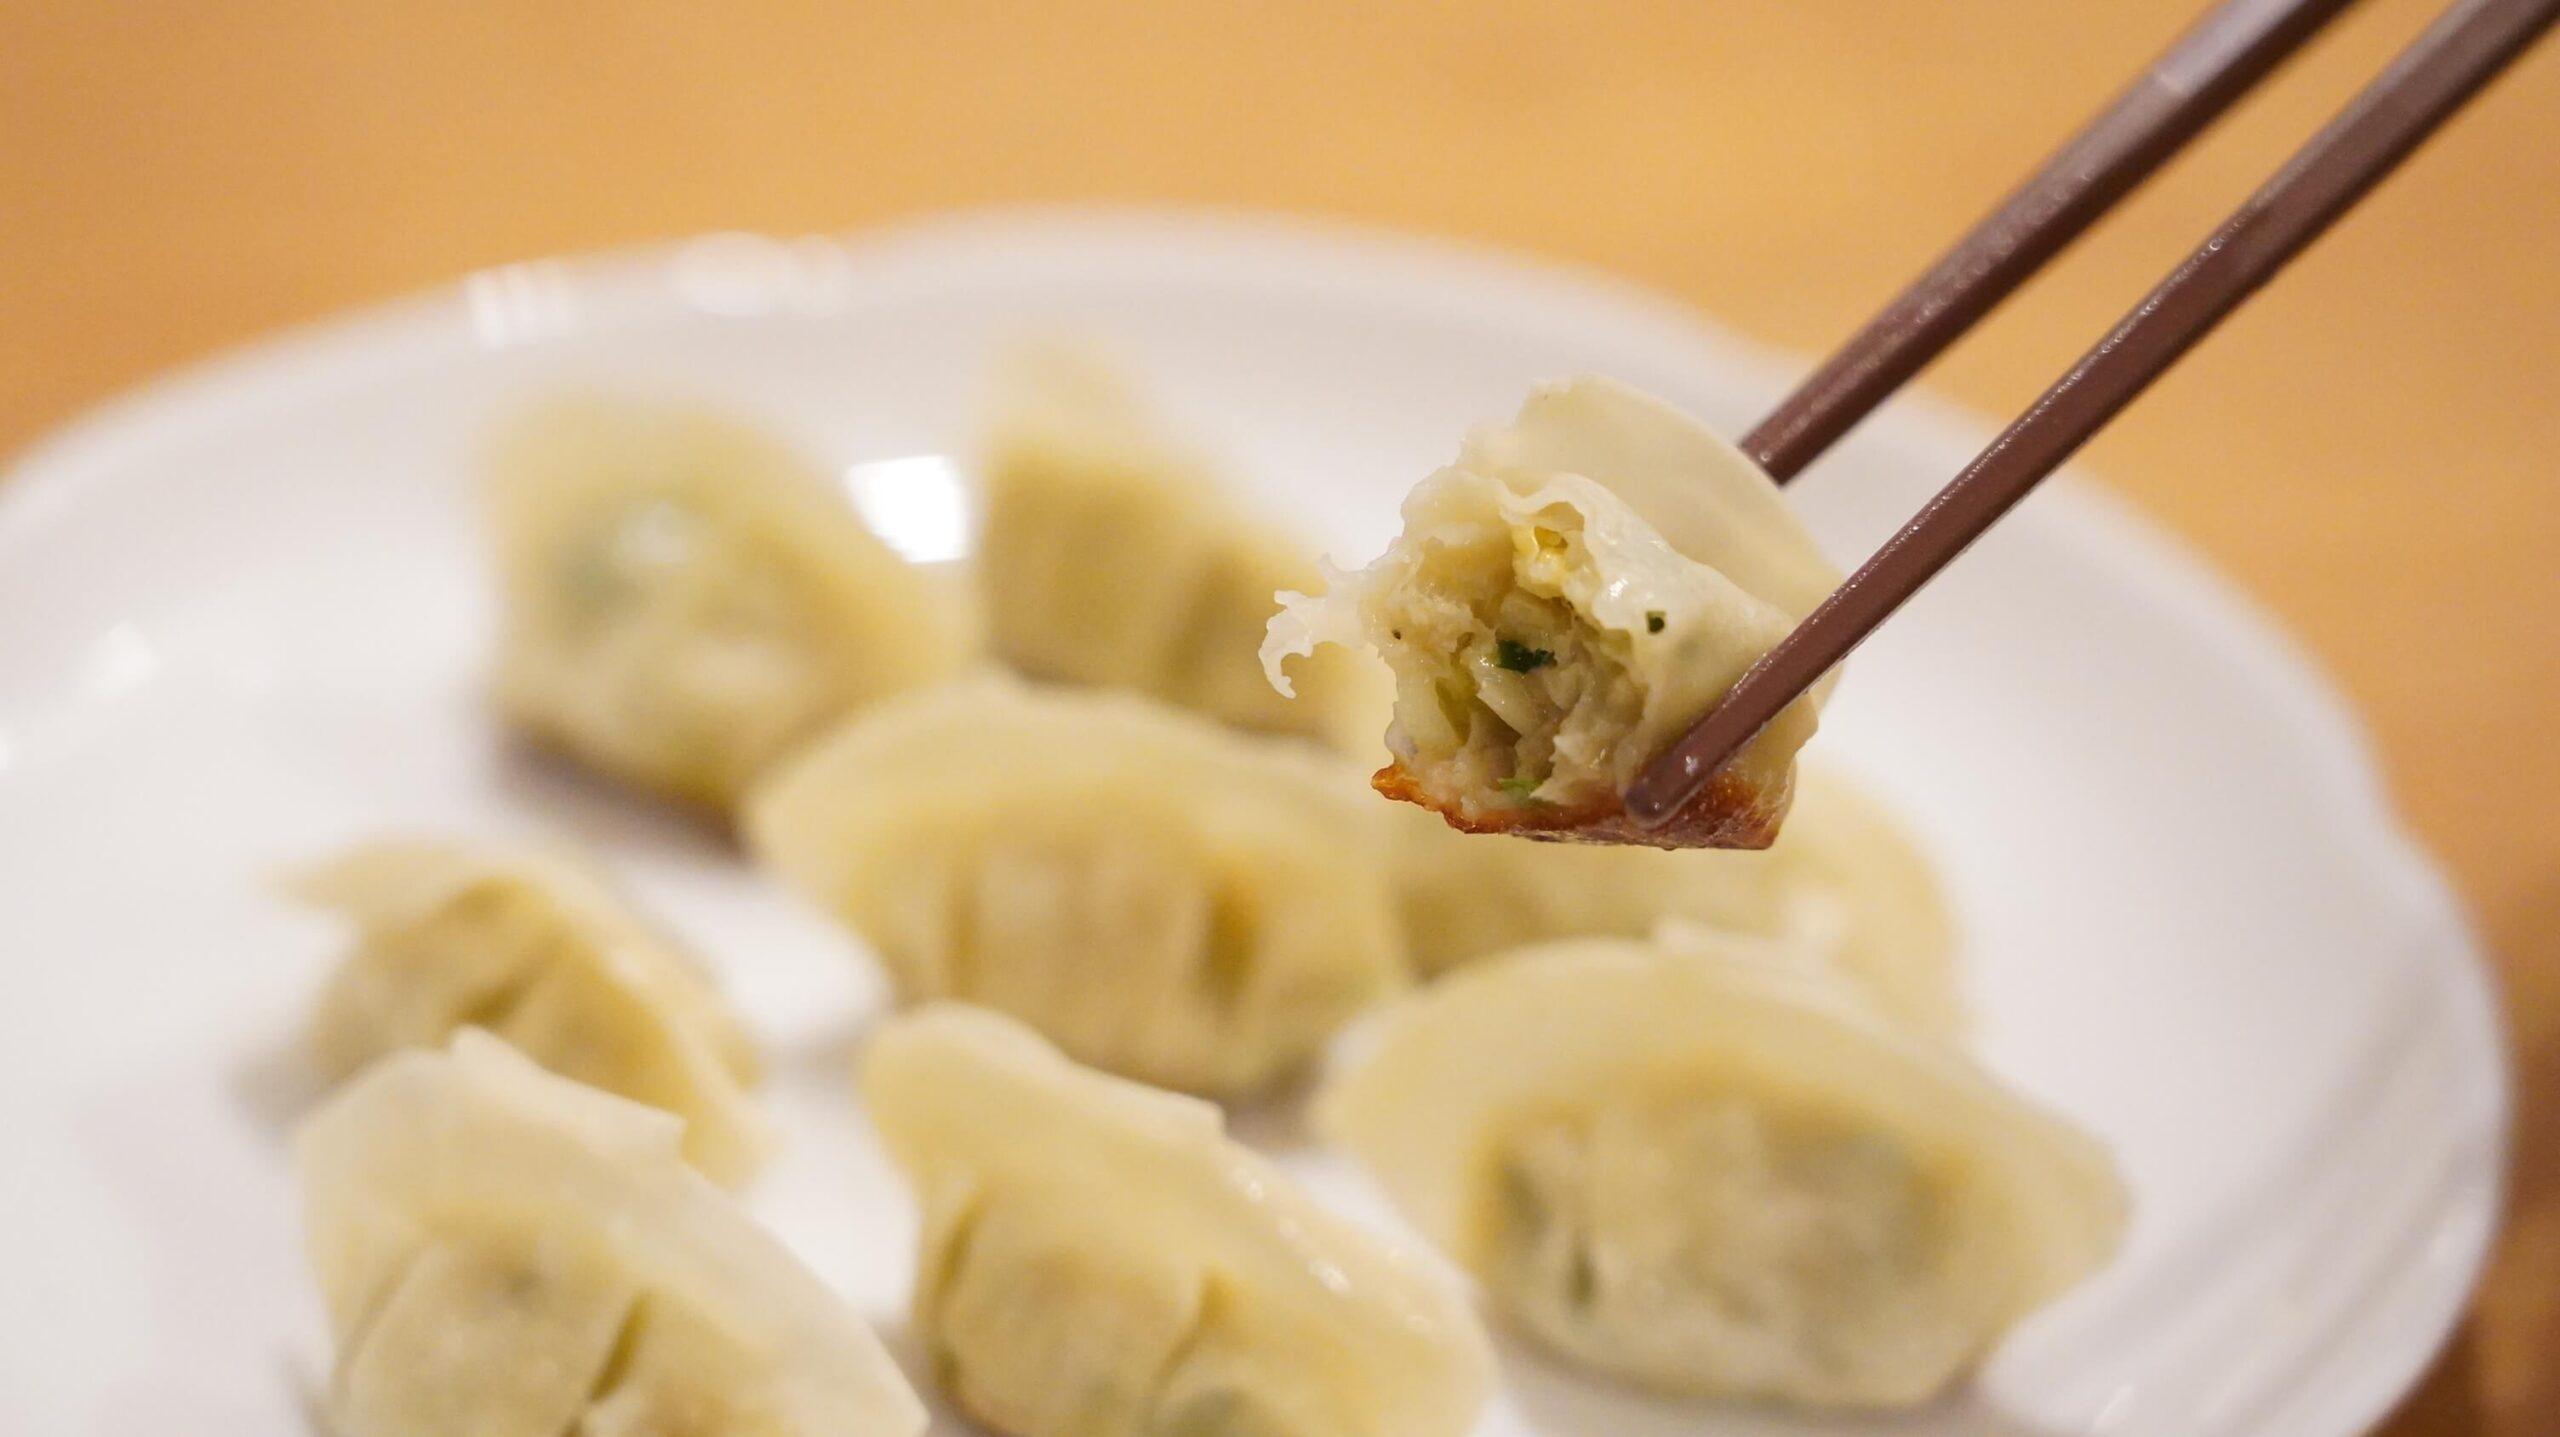 コストコの冷凍食品「ビビゴ 水餃子」の断面の写真